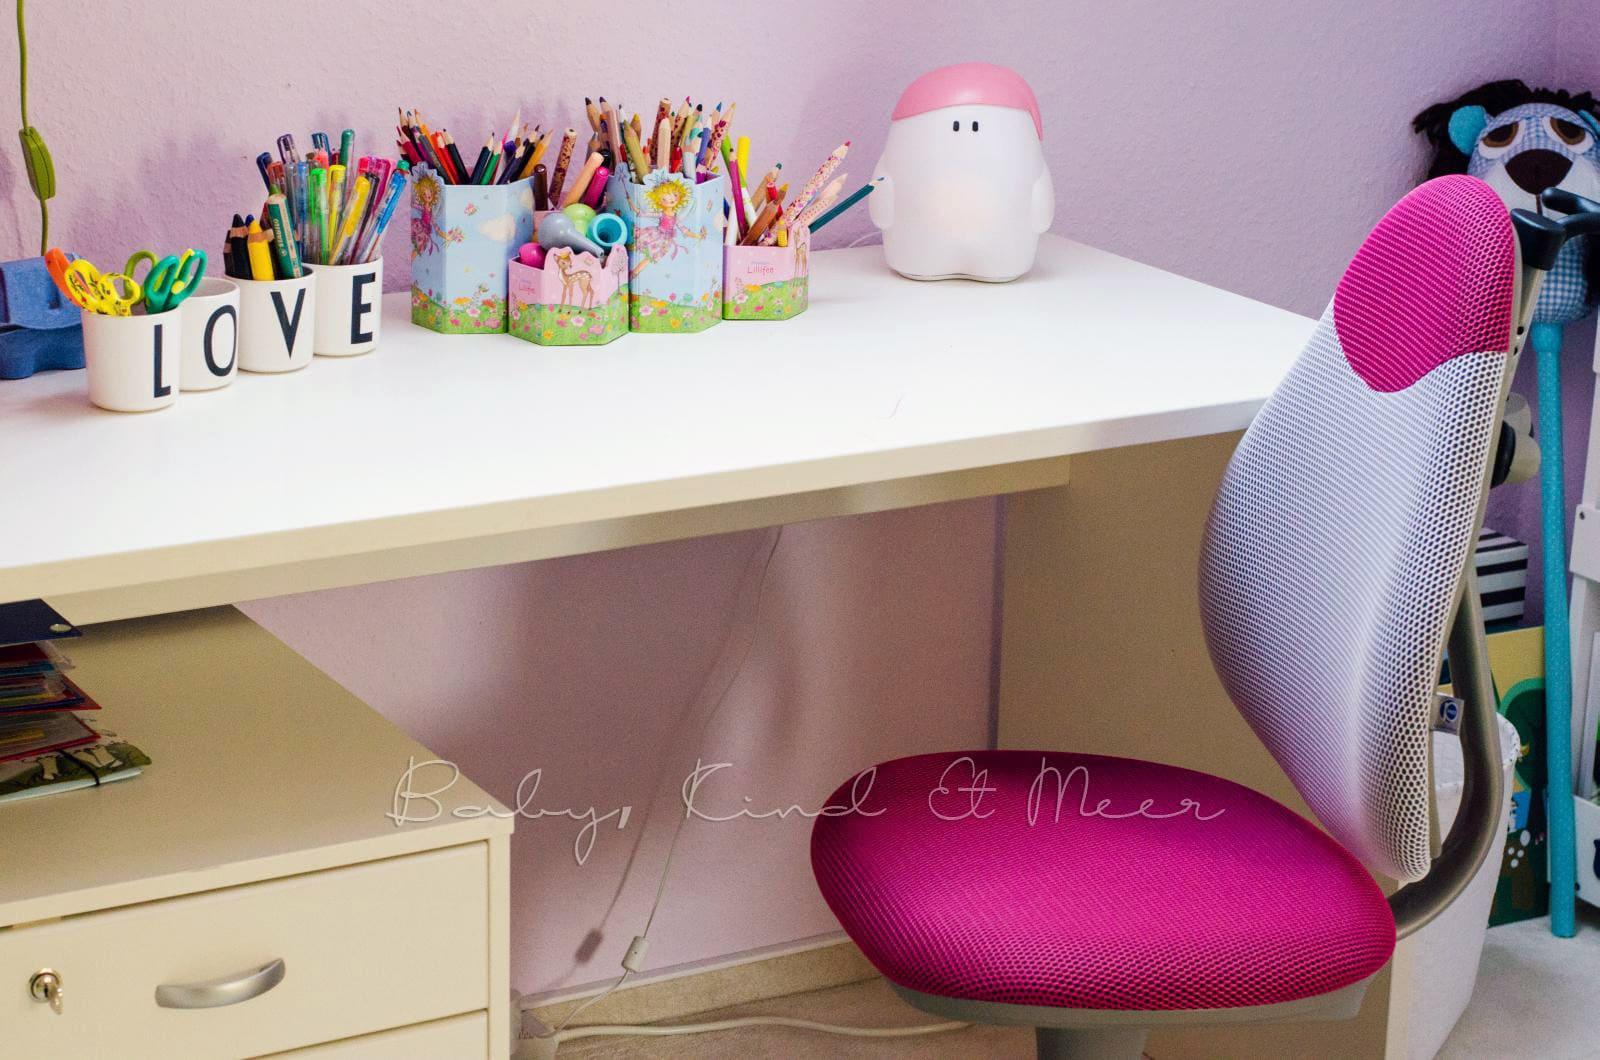 Ein Schreibtisch Für Lotte Kinderzimmer Co Baby Kind Und Meer